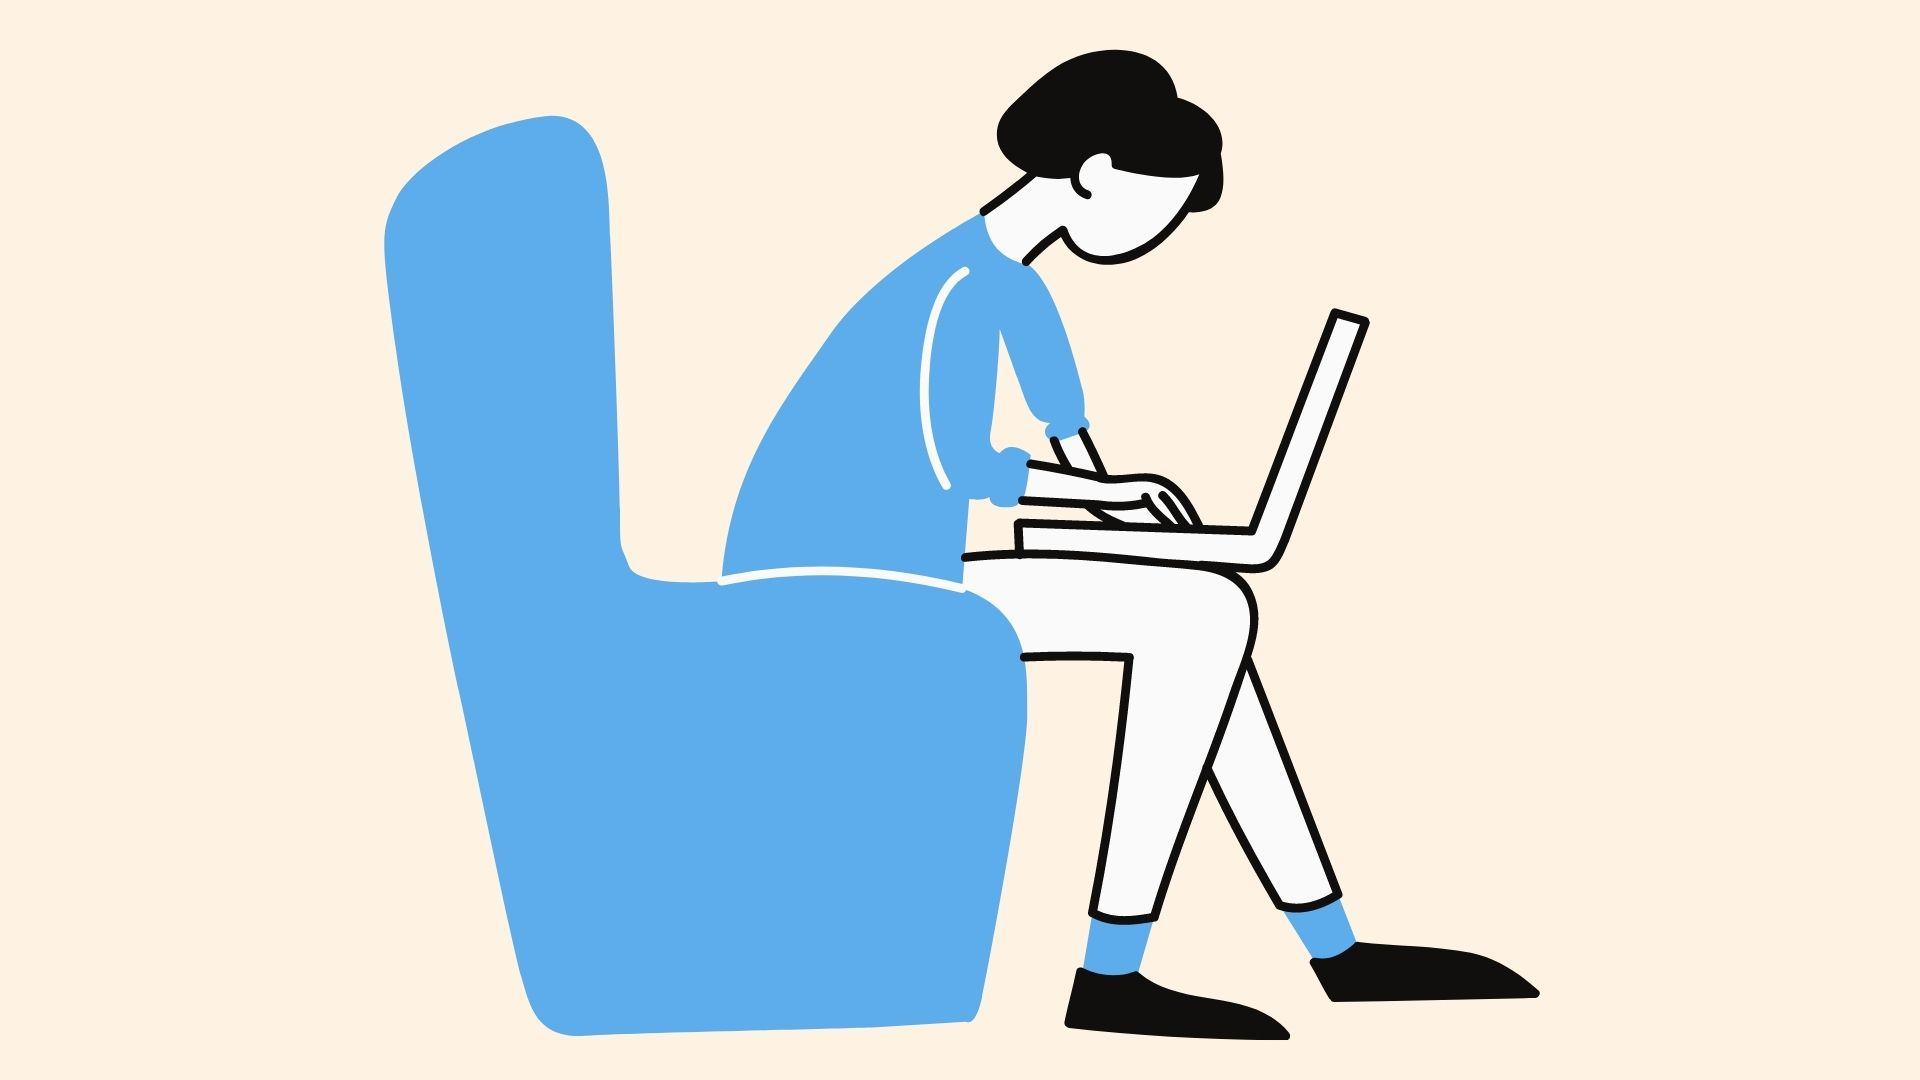 イスに座って作業する女性